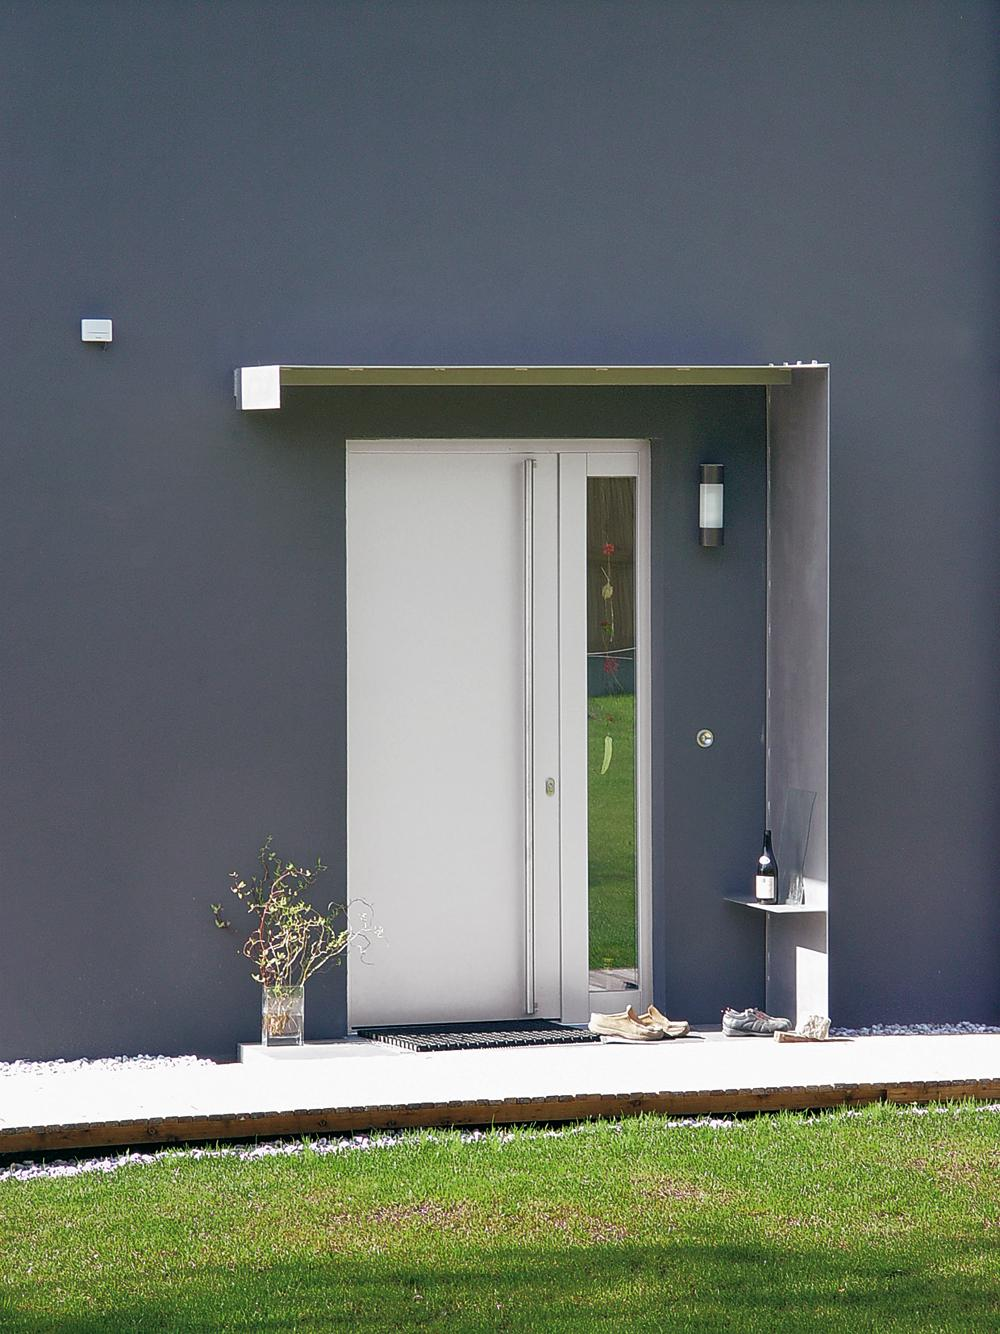 Fabi Architekten house in teublitz detail inspiration